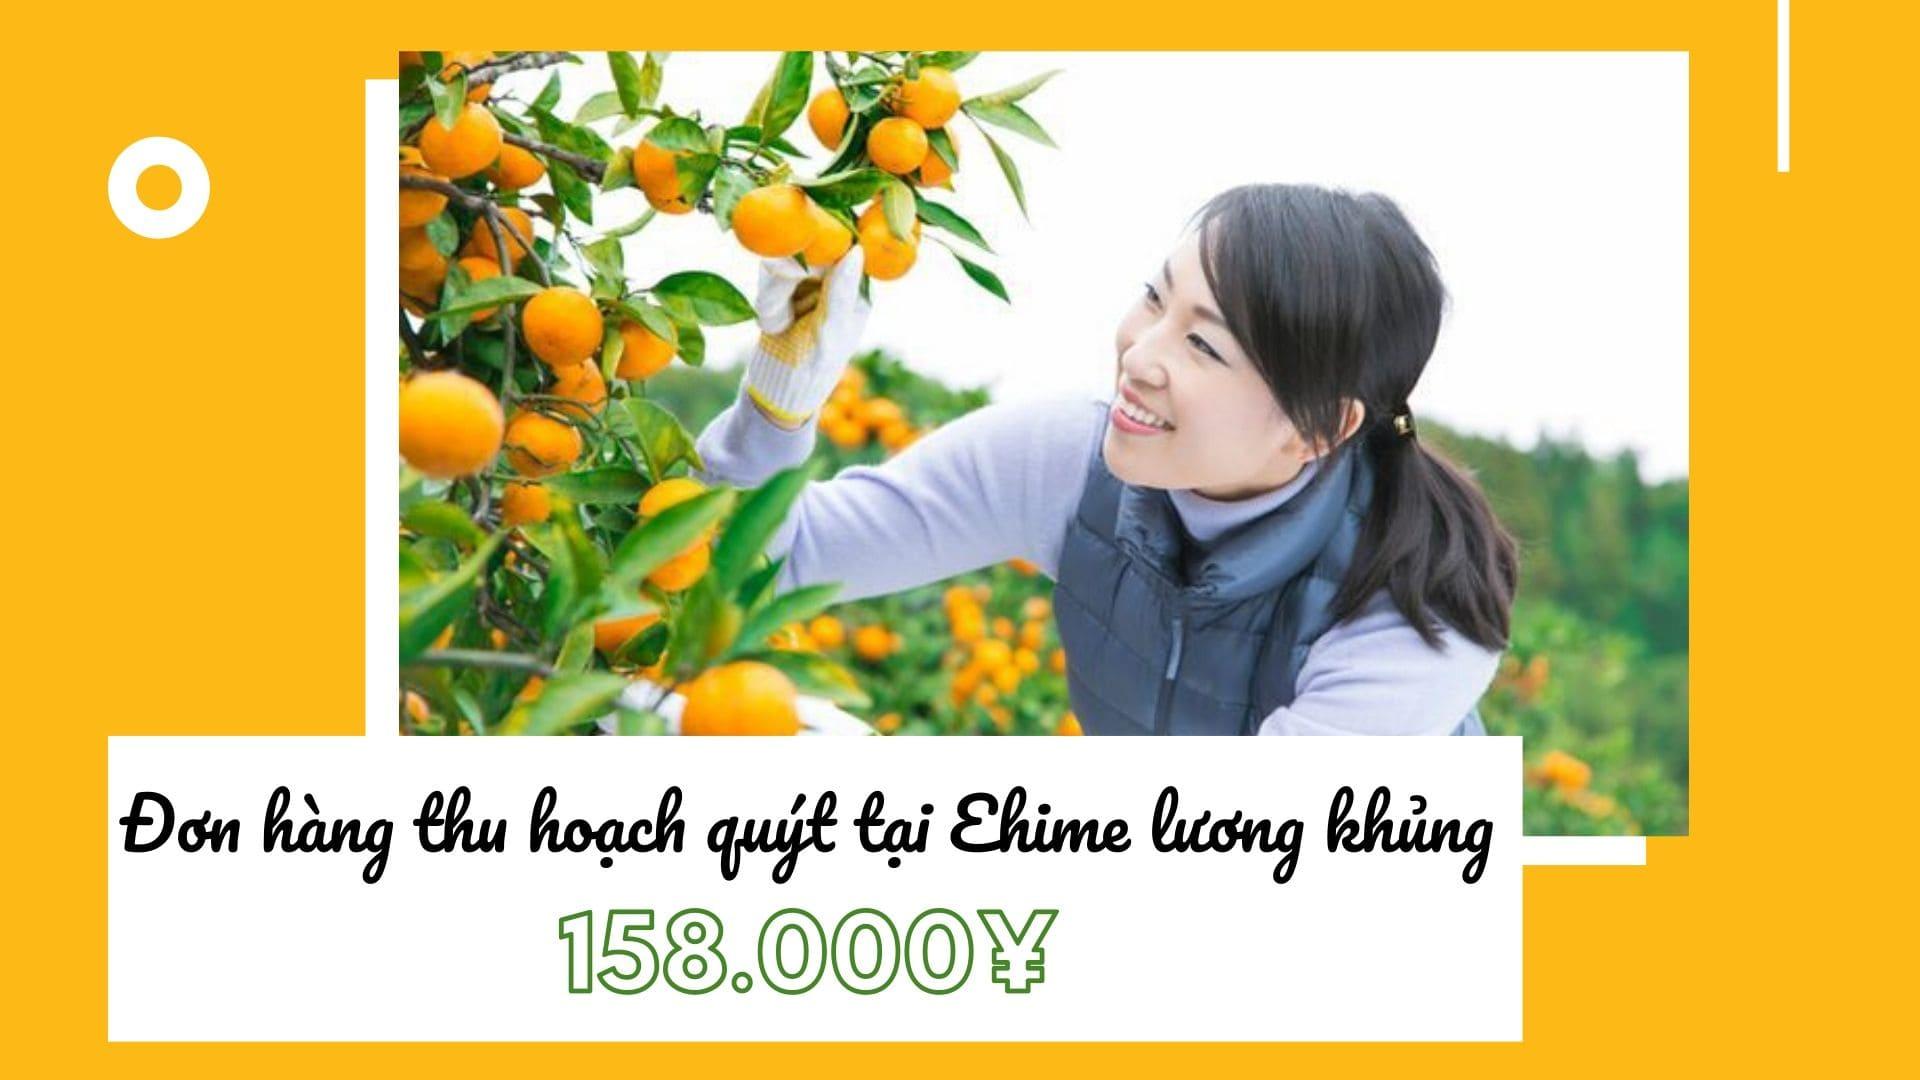 Đơn hàng thu hoạch quýt tại Ehime lương khủng 158.000 yên/tháng đang tuyển gấp